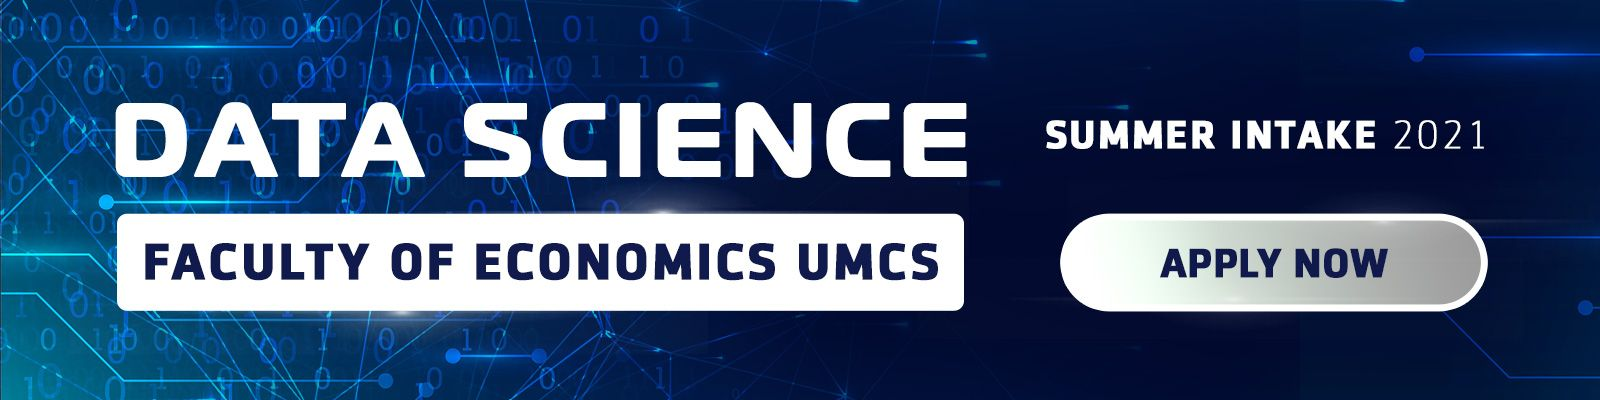 Data Science - nowy kierunek na UMCS